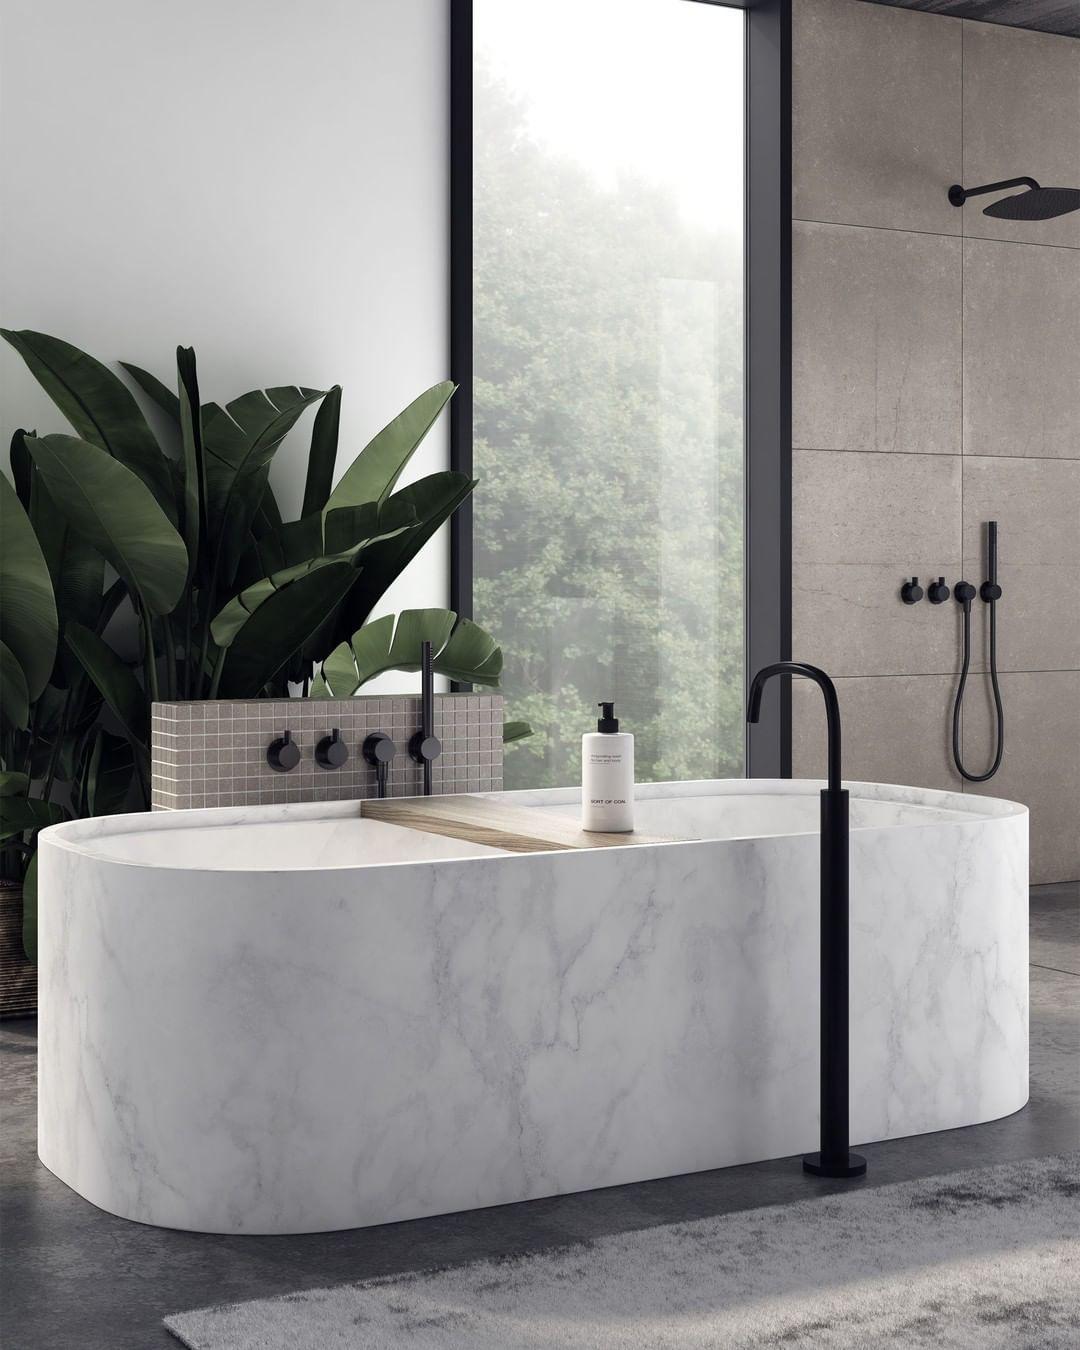 """Photo of COCOON-Bad-Designmarke auf Instagram: """"Ein weiterer Eindruck der von Studio Piet Boon für die Designermarke COCOON entworfenen Badewanne aus massivem Marmor 🤗 Diese freistehende Badewanne wird…"""""""